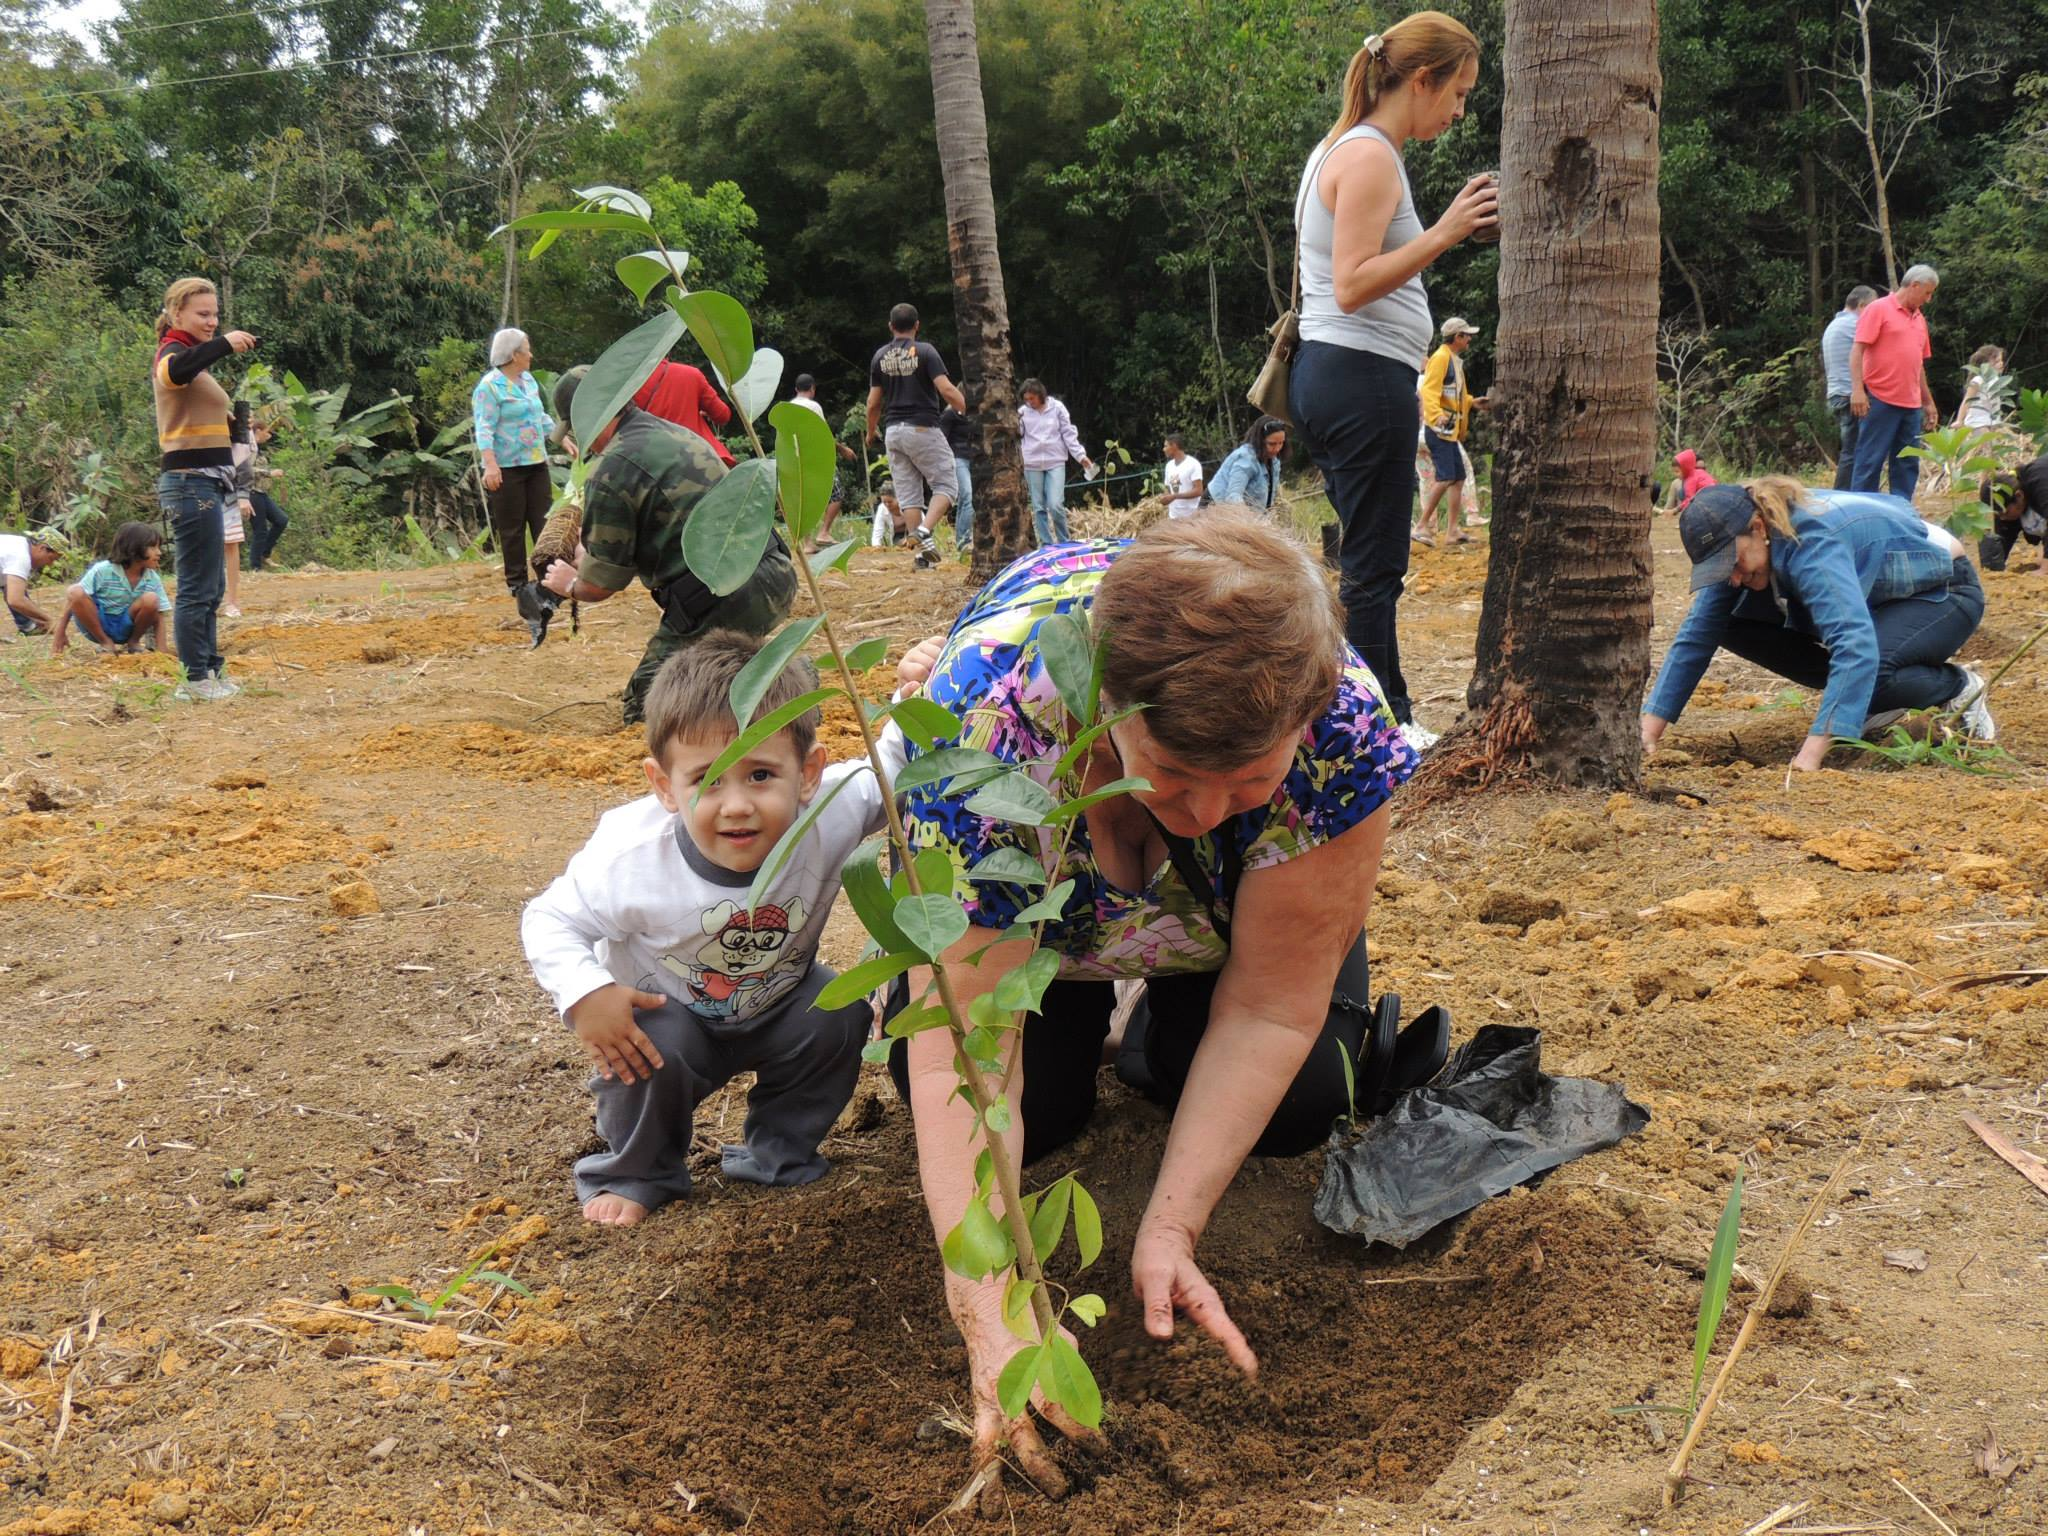 22ª edição do Piquenique Ecológico acontece neste sábado (27)